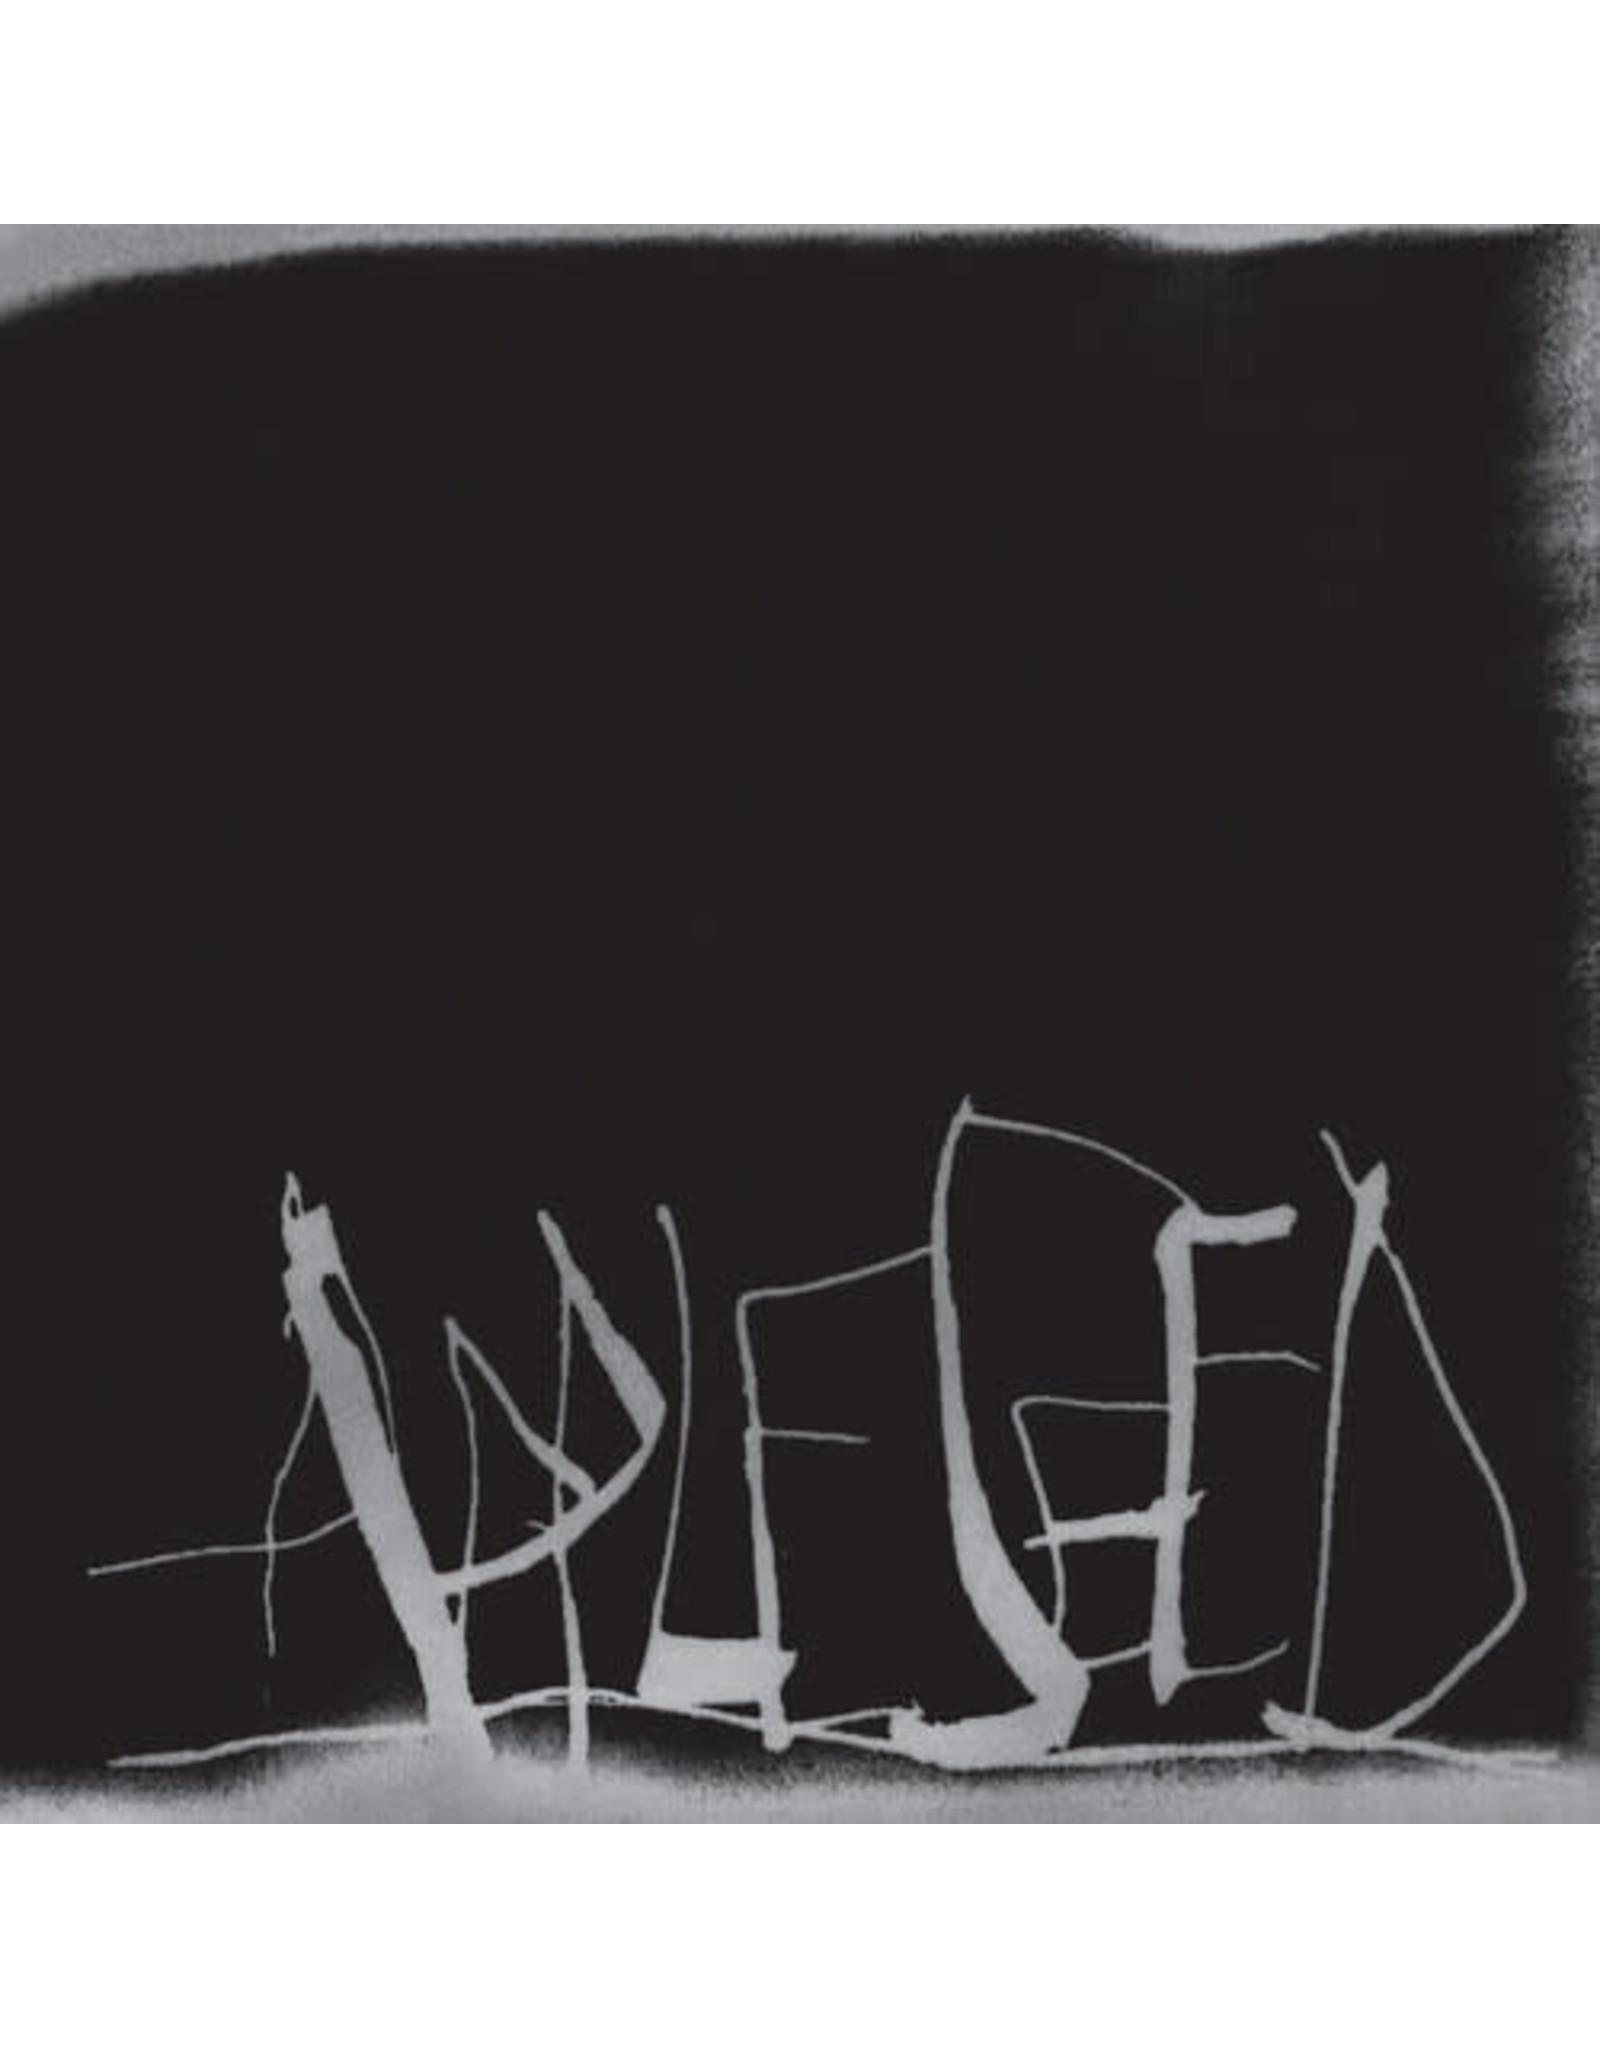 Aesop Rock / Appleseed (Marble Smoke Vinyl)